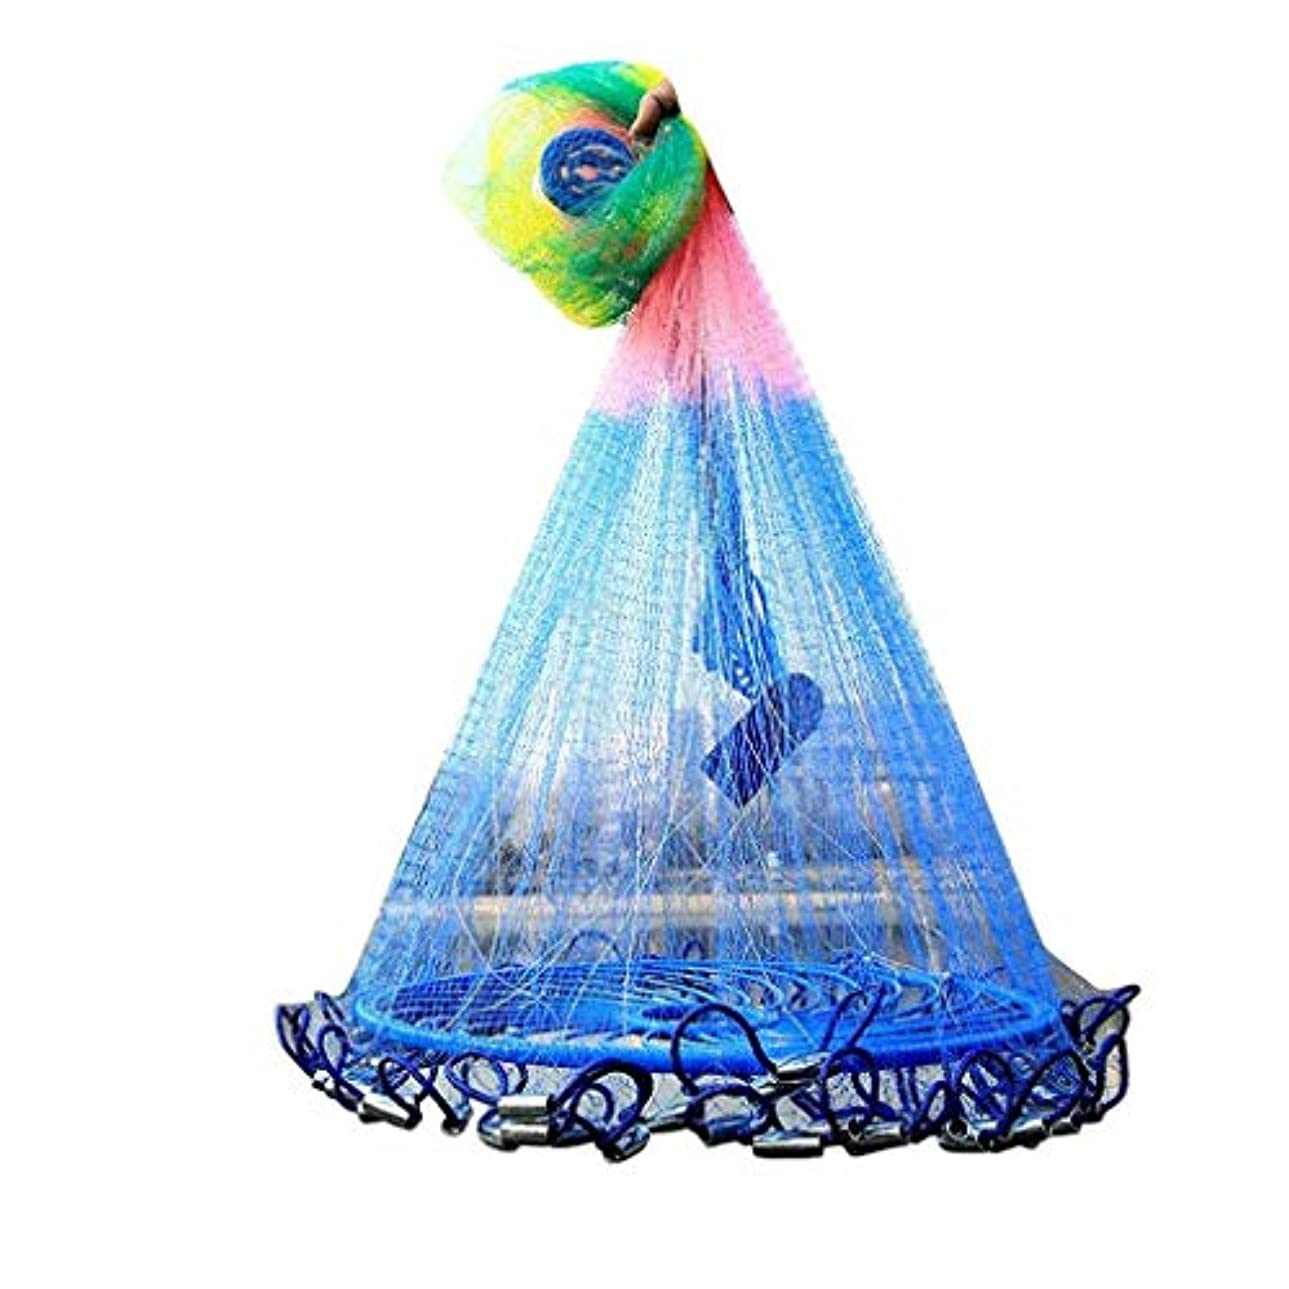 救援トランスミッション見分けるディスクフィッシングネット大径手投げリングフィッシングネット折りたたみ漁網用マリンフィッシング